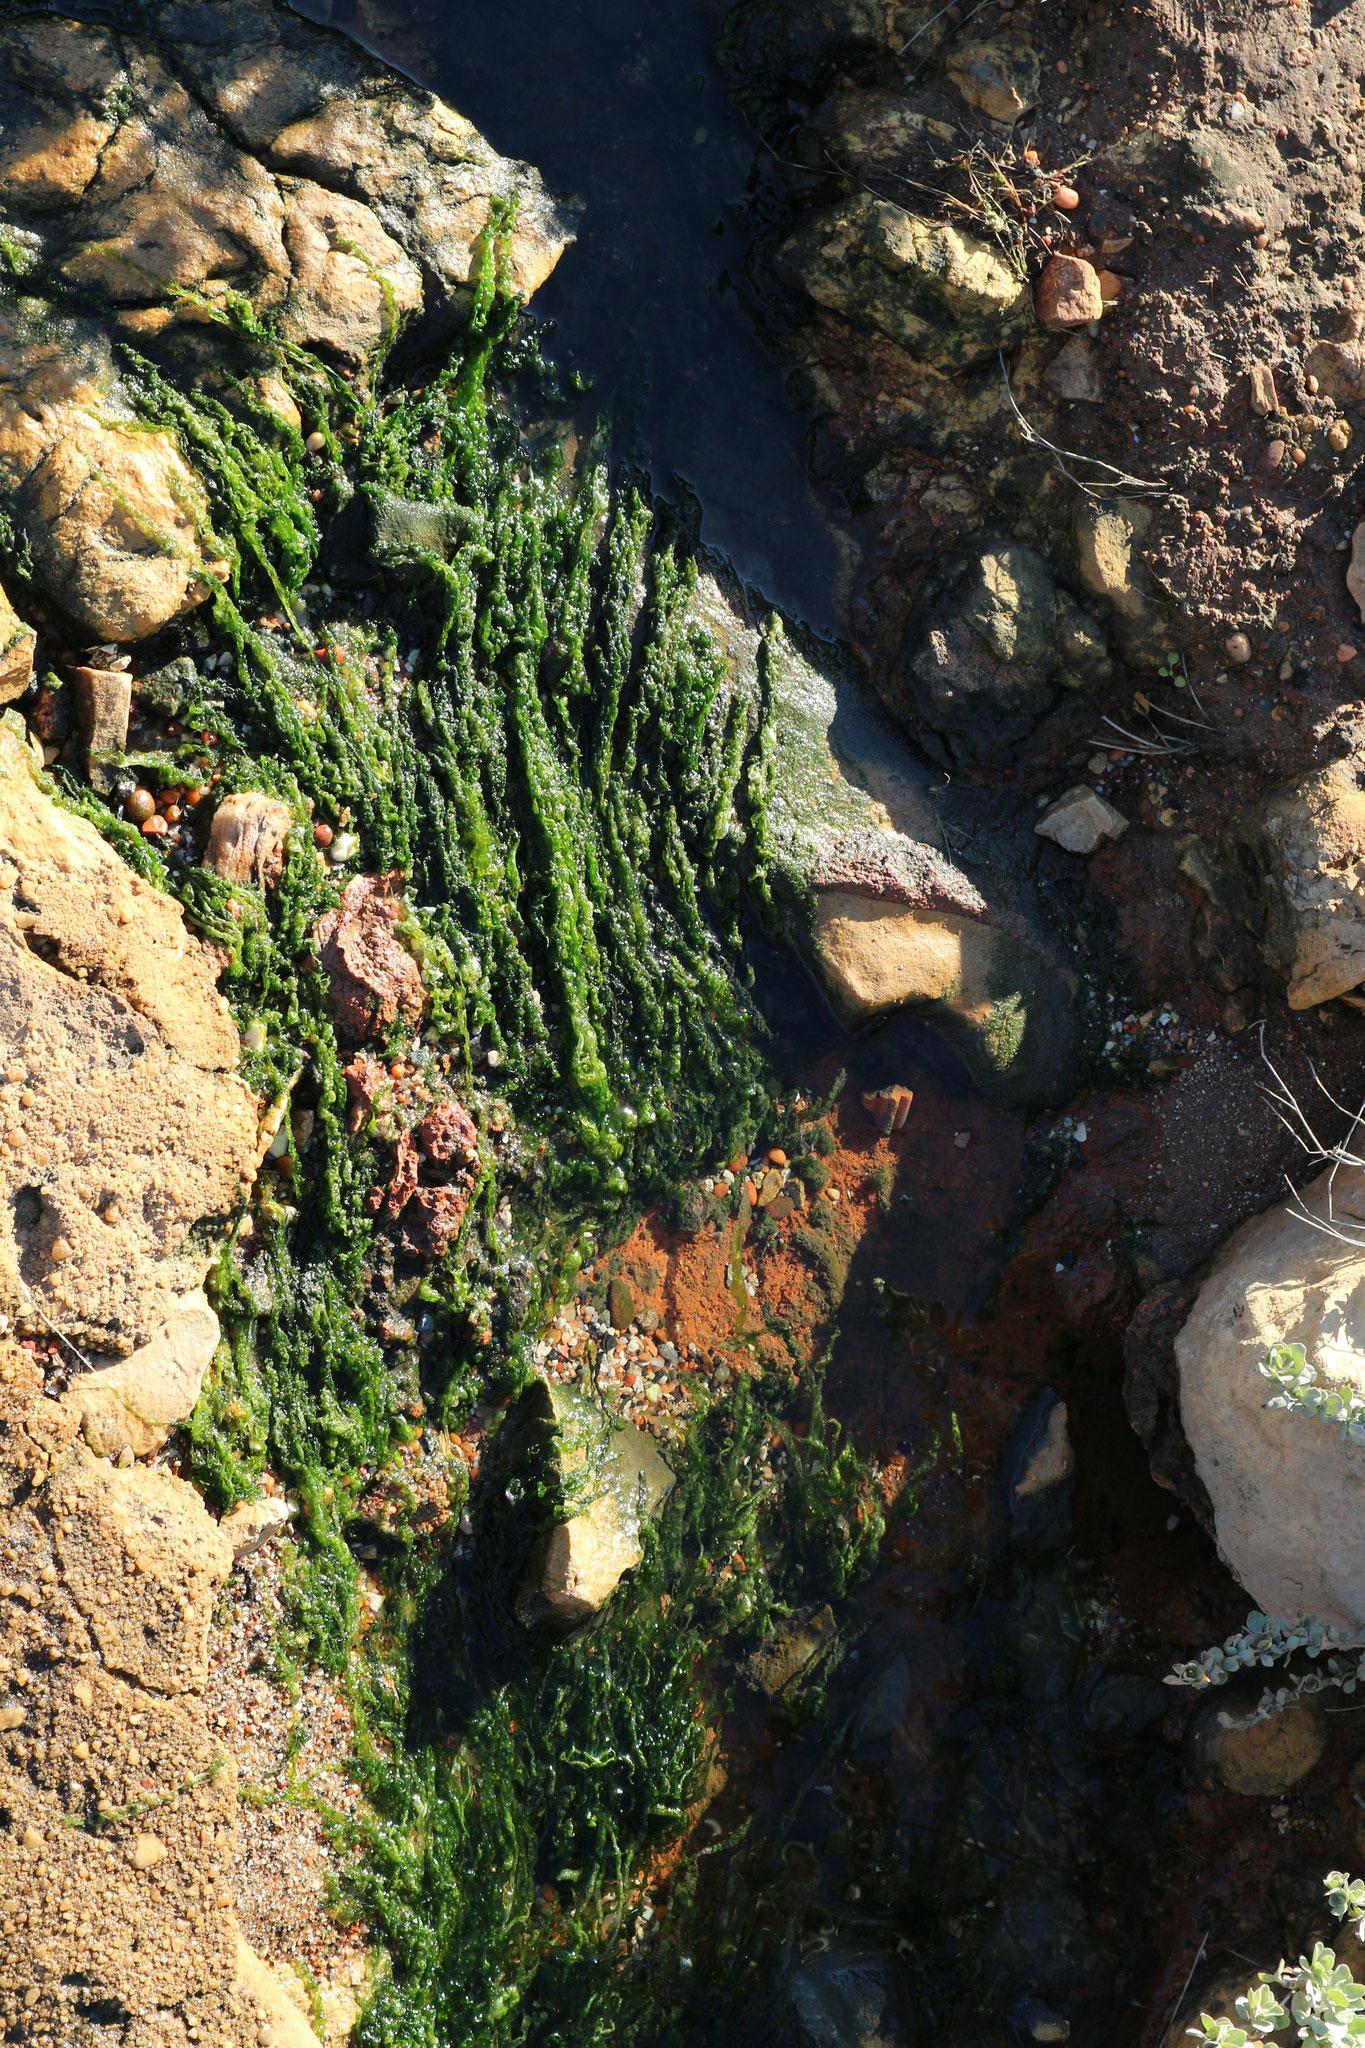 Manchmal lohnt sich auch ein Blick auf den Boden und nicht nur raus aufs Meer...